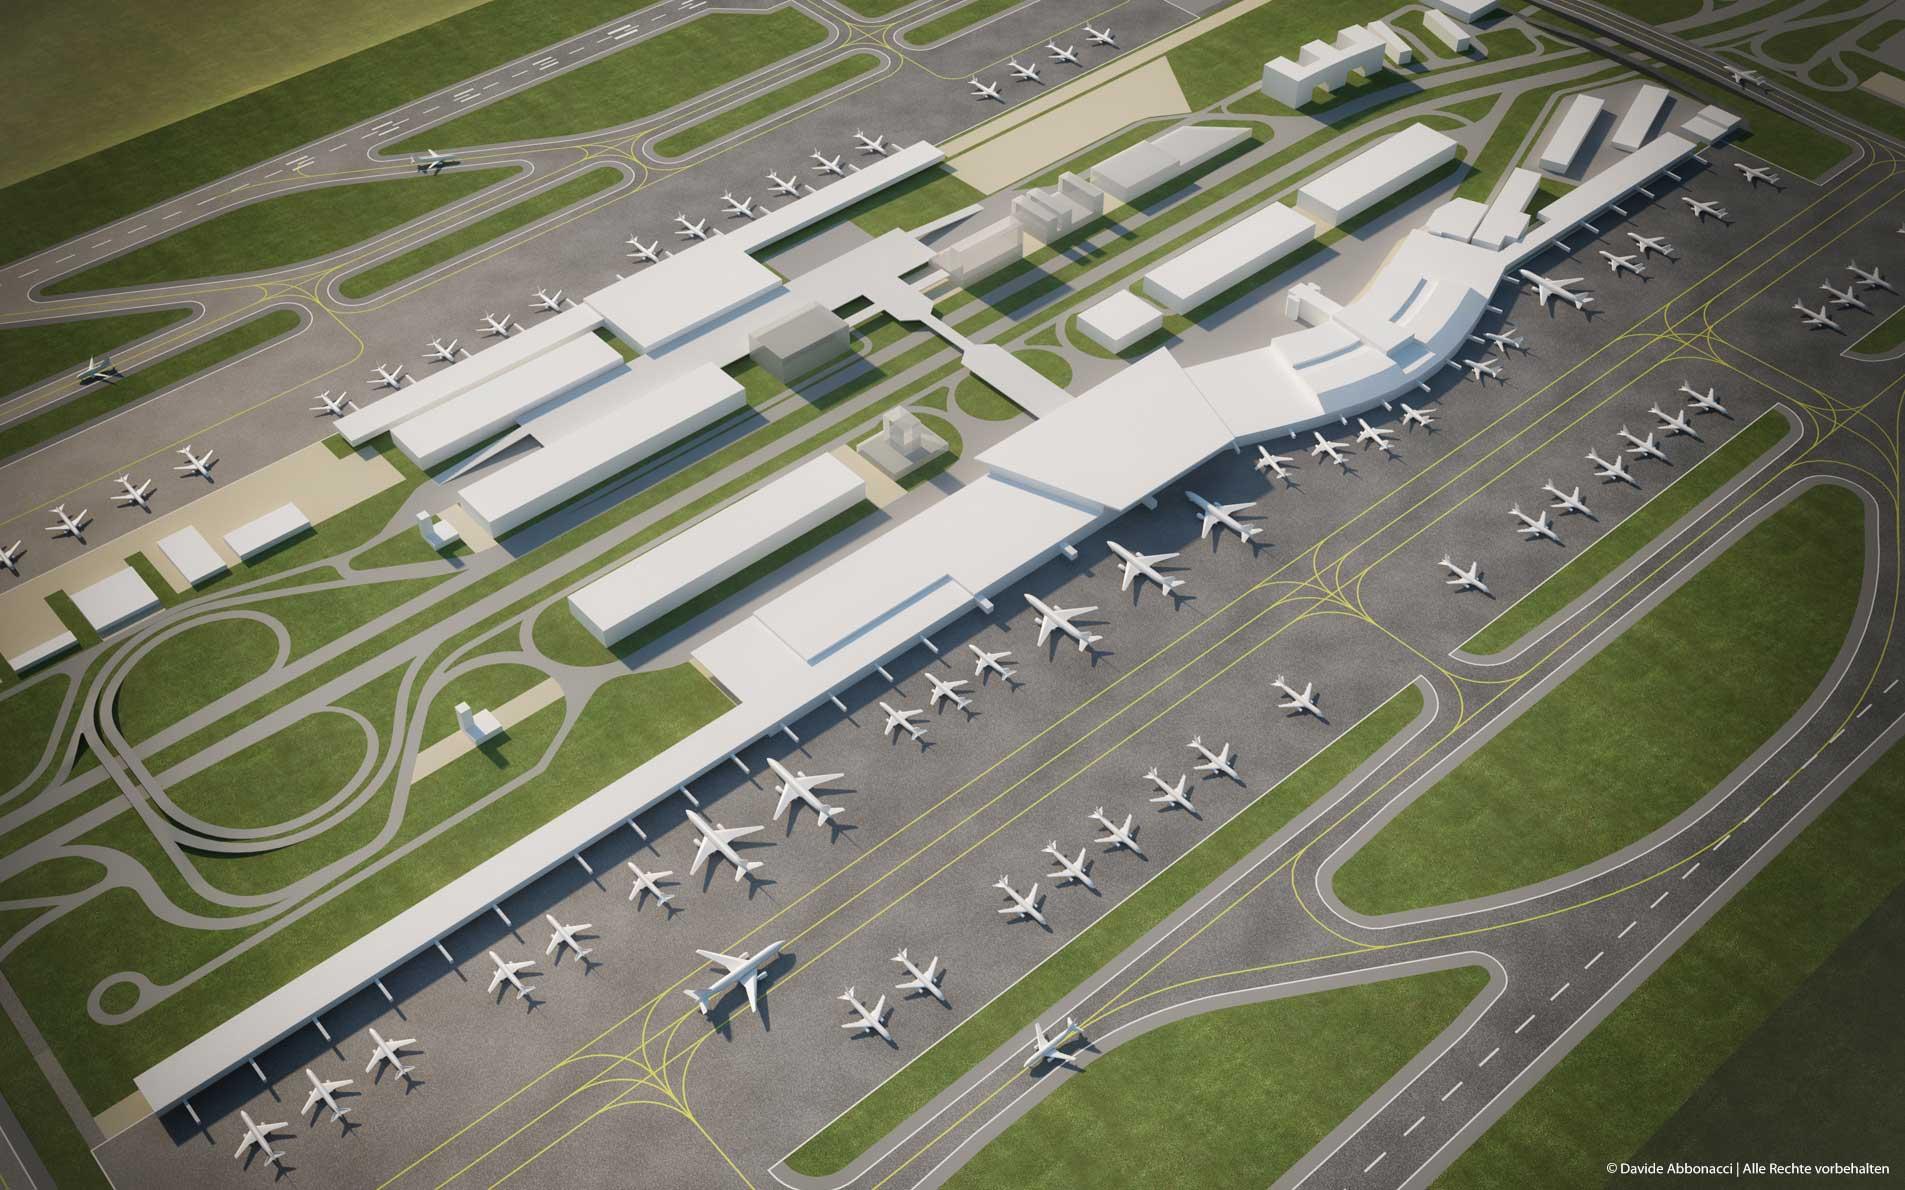 Flughafen Masterplan in Brasilien | amd.sigma GmbH | 2014 Masterplan